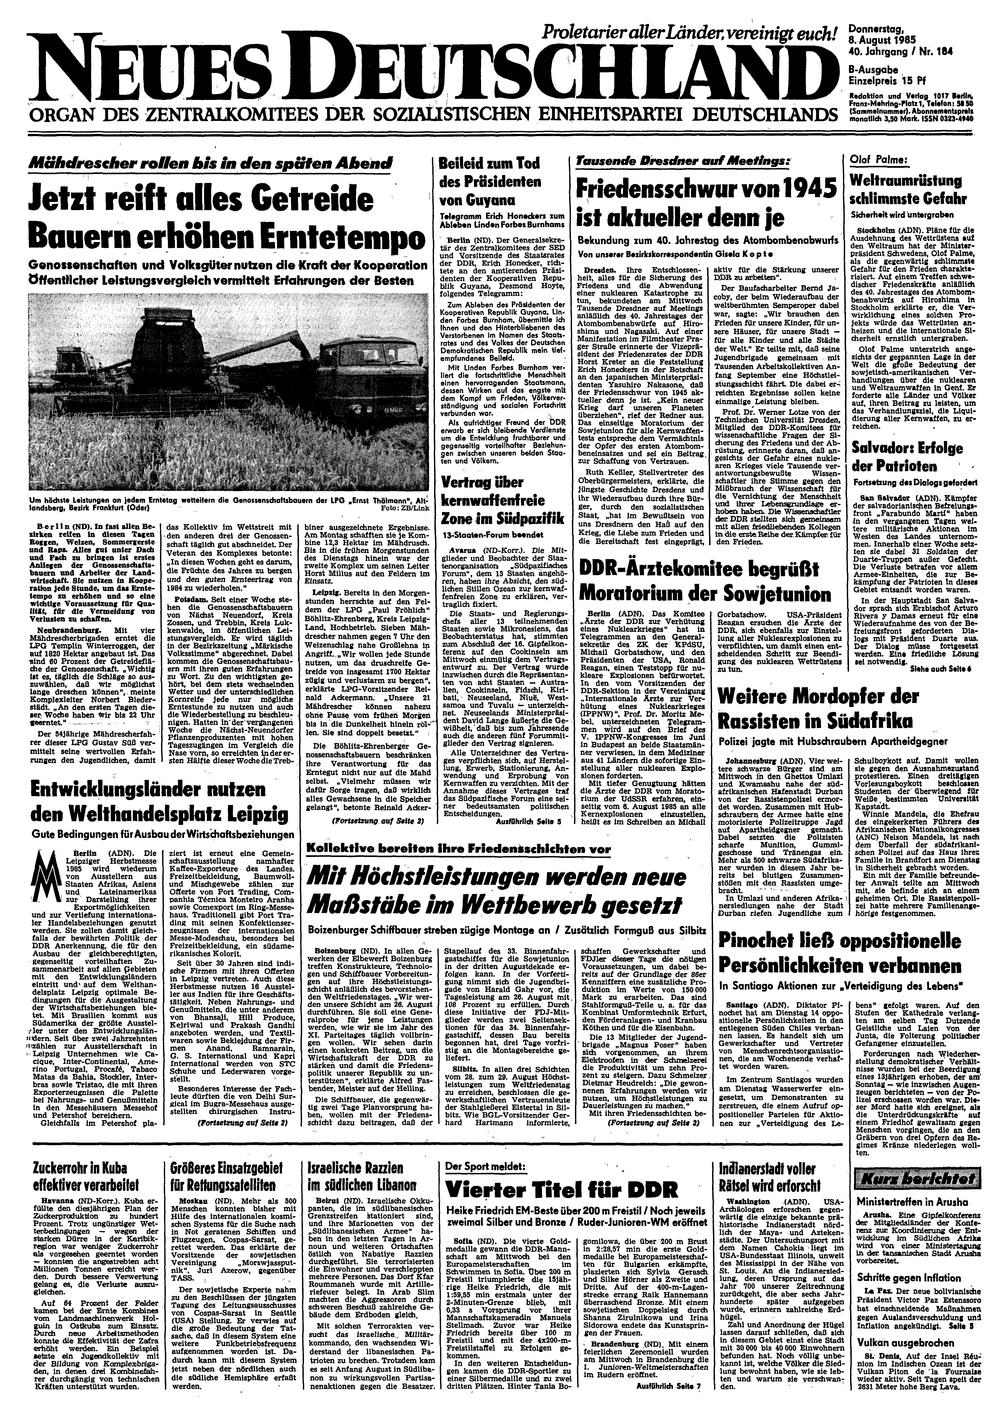 neues-deutschland-850808.jpg